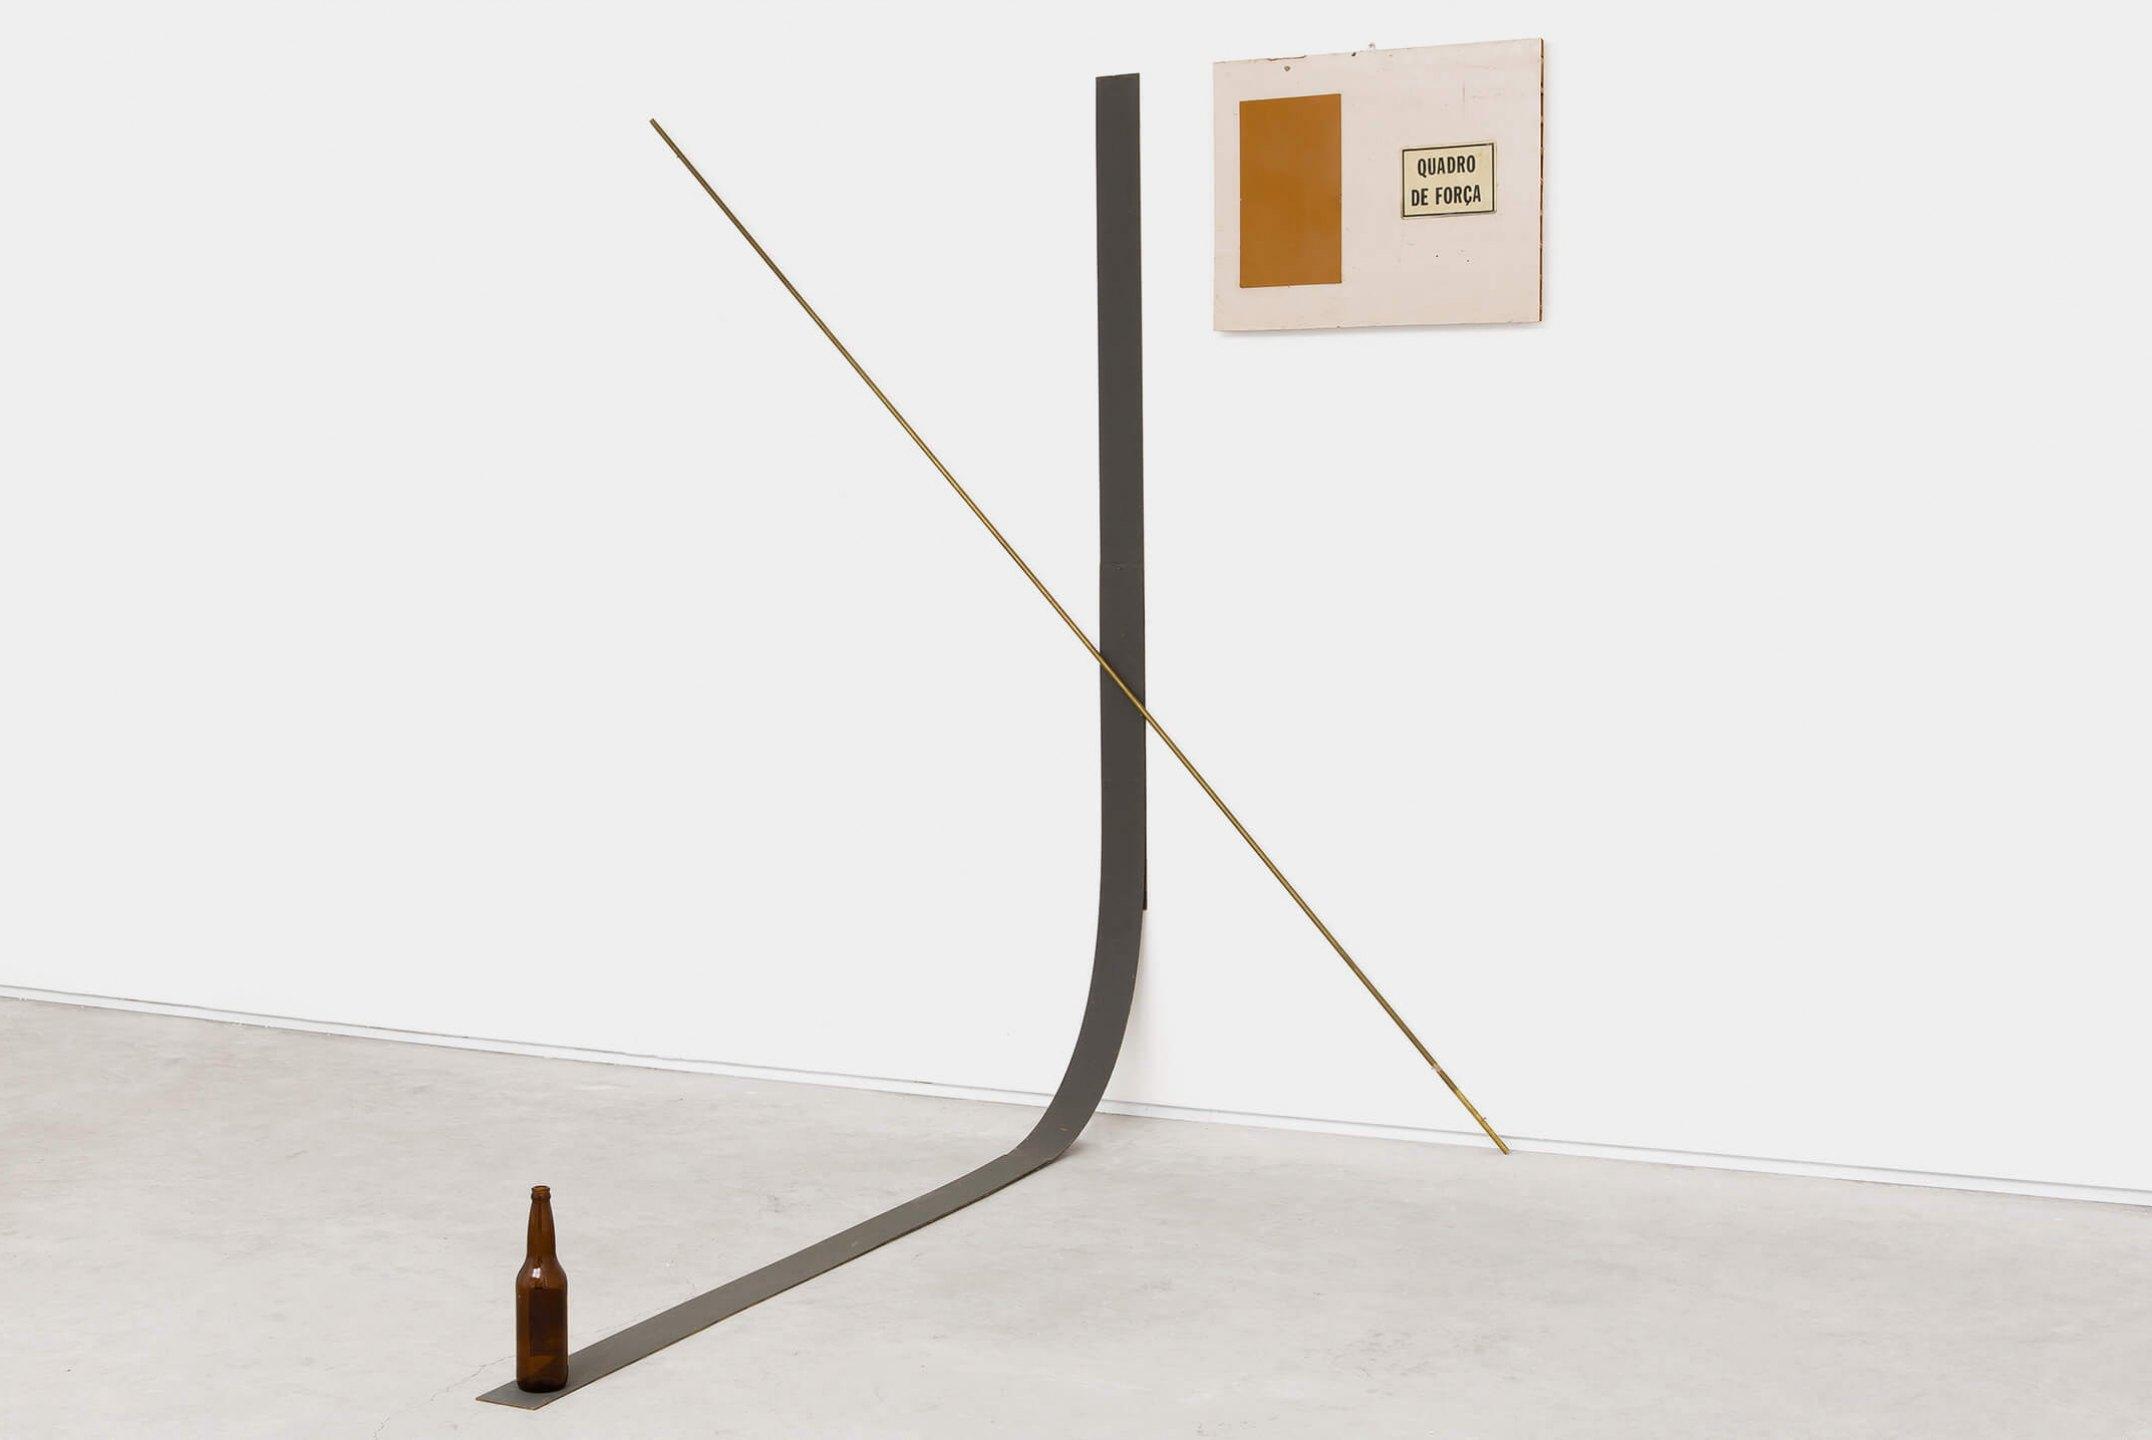 Deyson Gilbert, <em>Quadro de Força (from Questão de Ordem ou Estudos Sobre a Síndrome de Gerstmann series)</em>, 2015/2016, wood, metal, plastic and glass, 222 × 205 × 229 cm - Mendes Wood DM